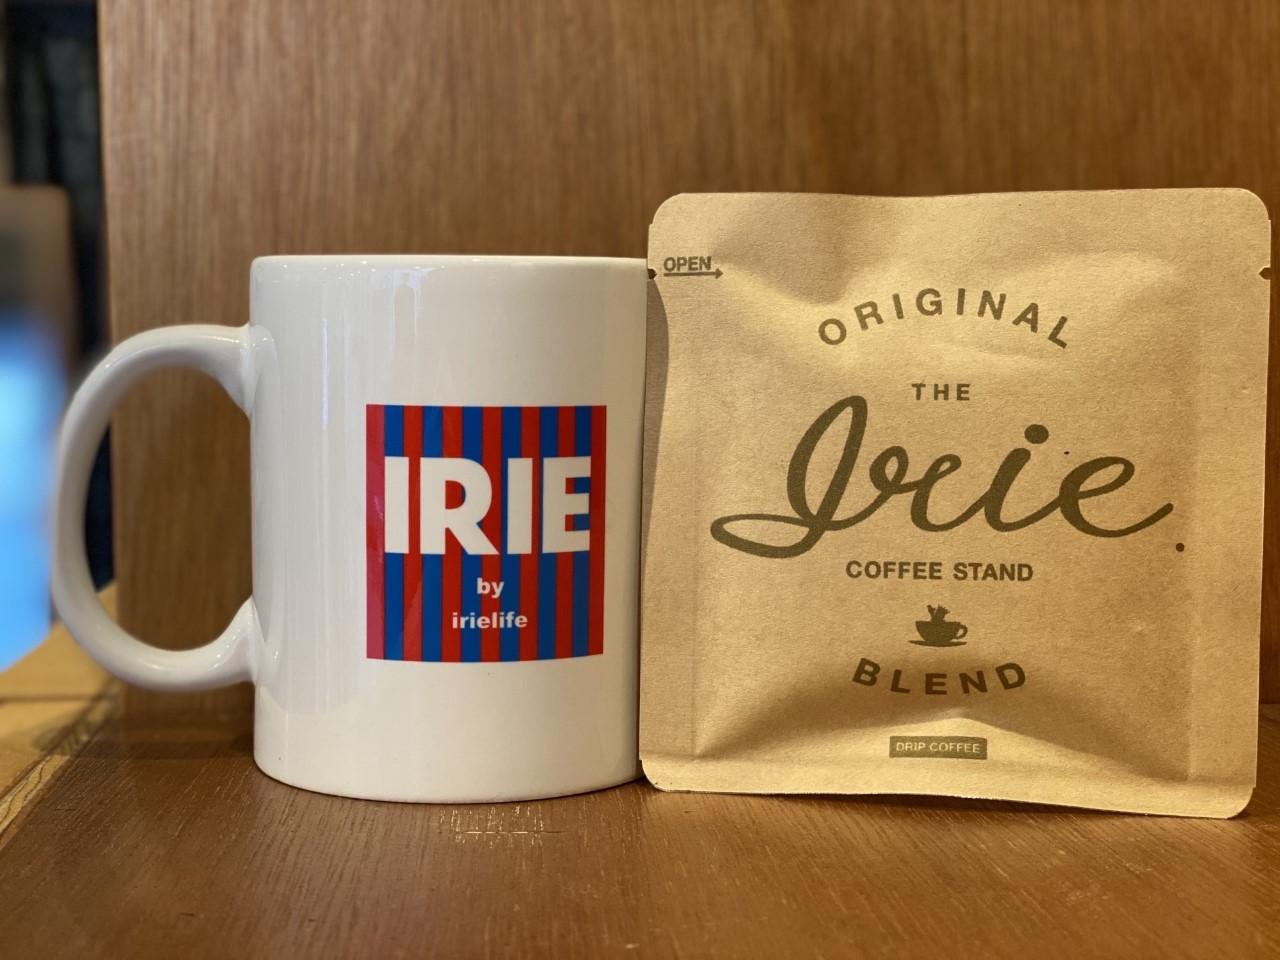 IRIE DRIP COFFEE ♬